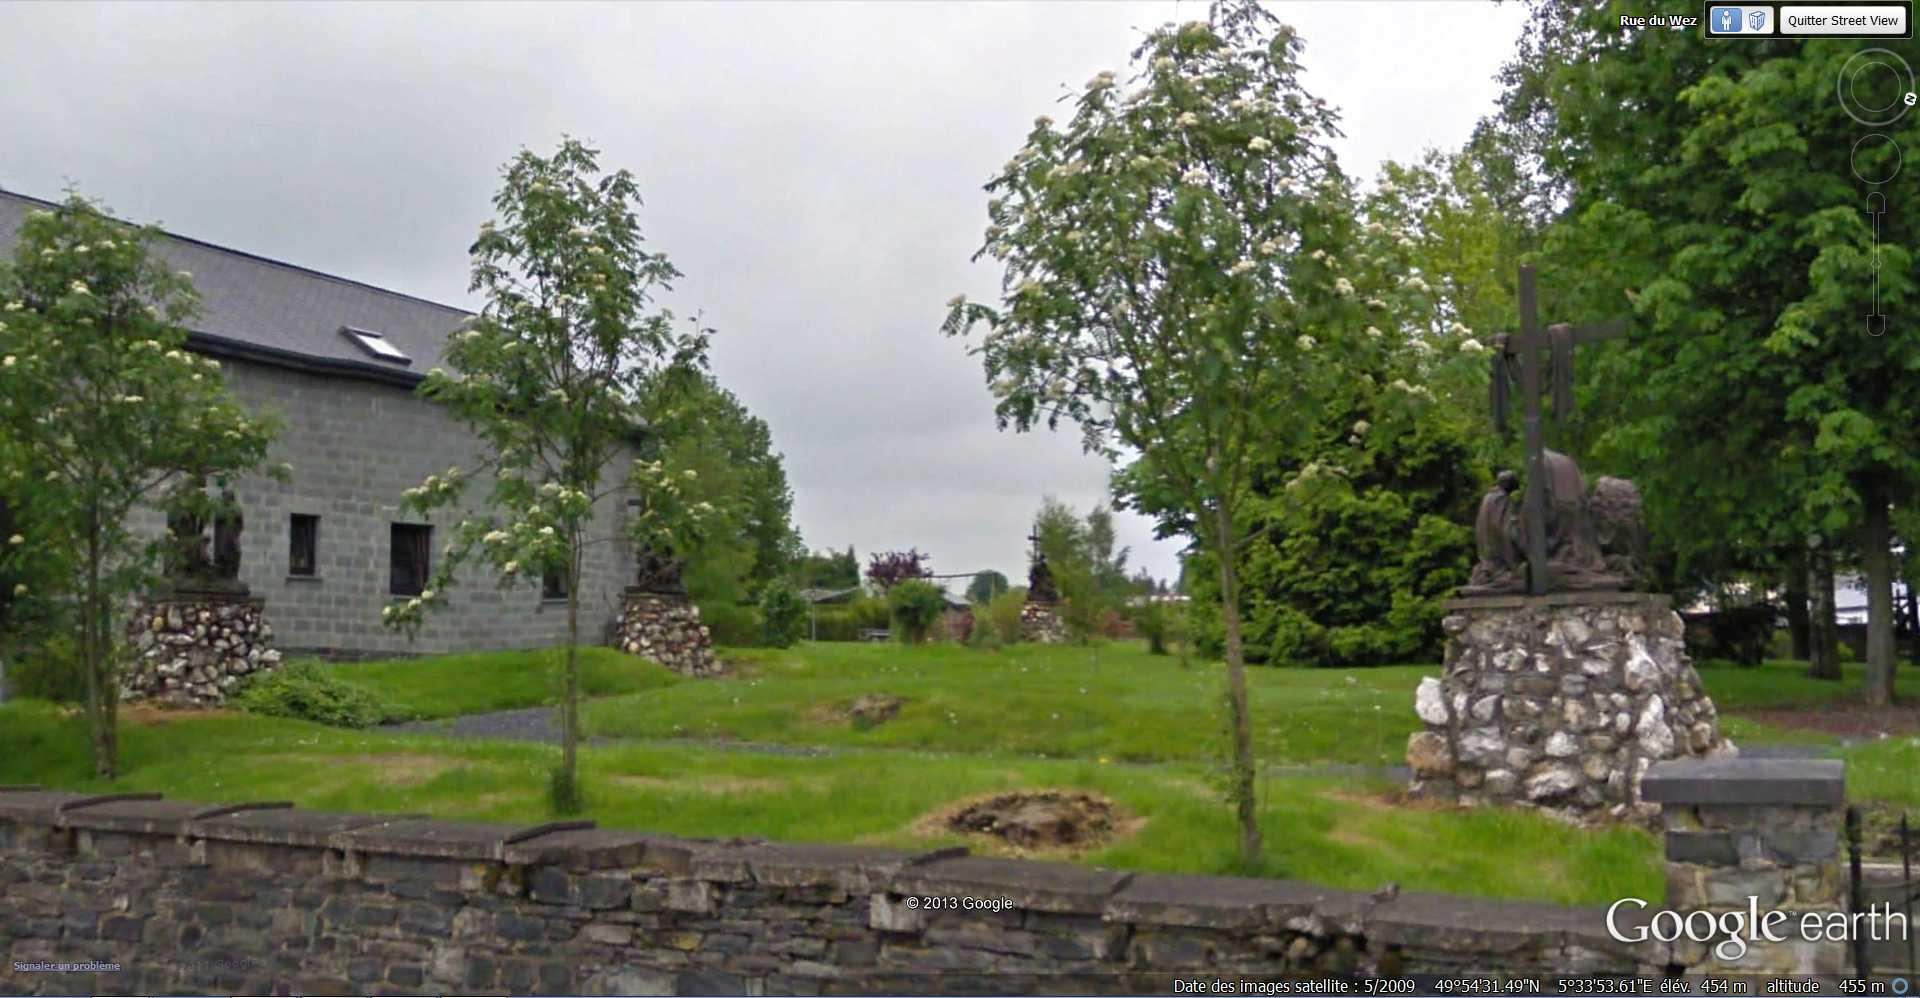 Les répliques de la grotte de Lourdes - Page 2 2013-239